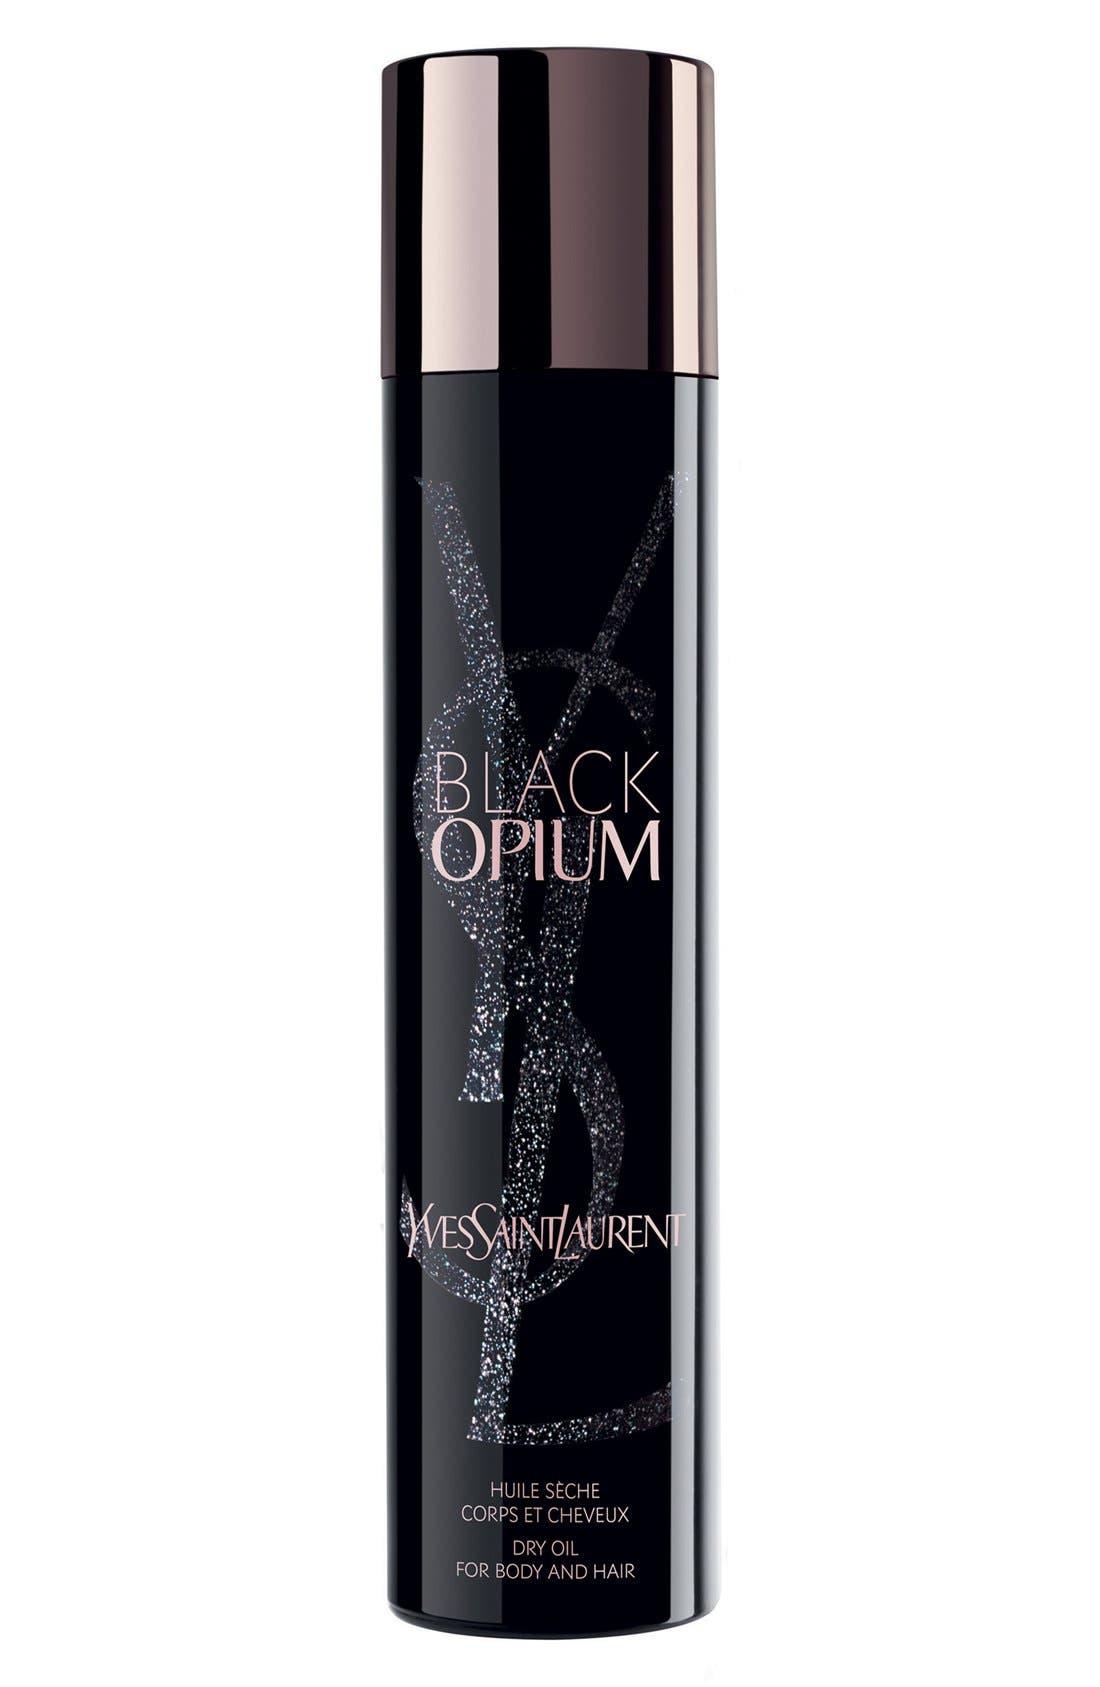 Yves Saint Laurent Black Opium Dry Oil for Body and Hair